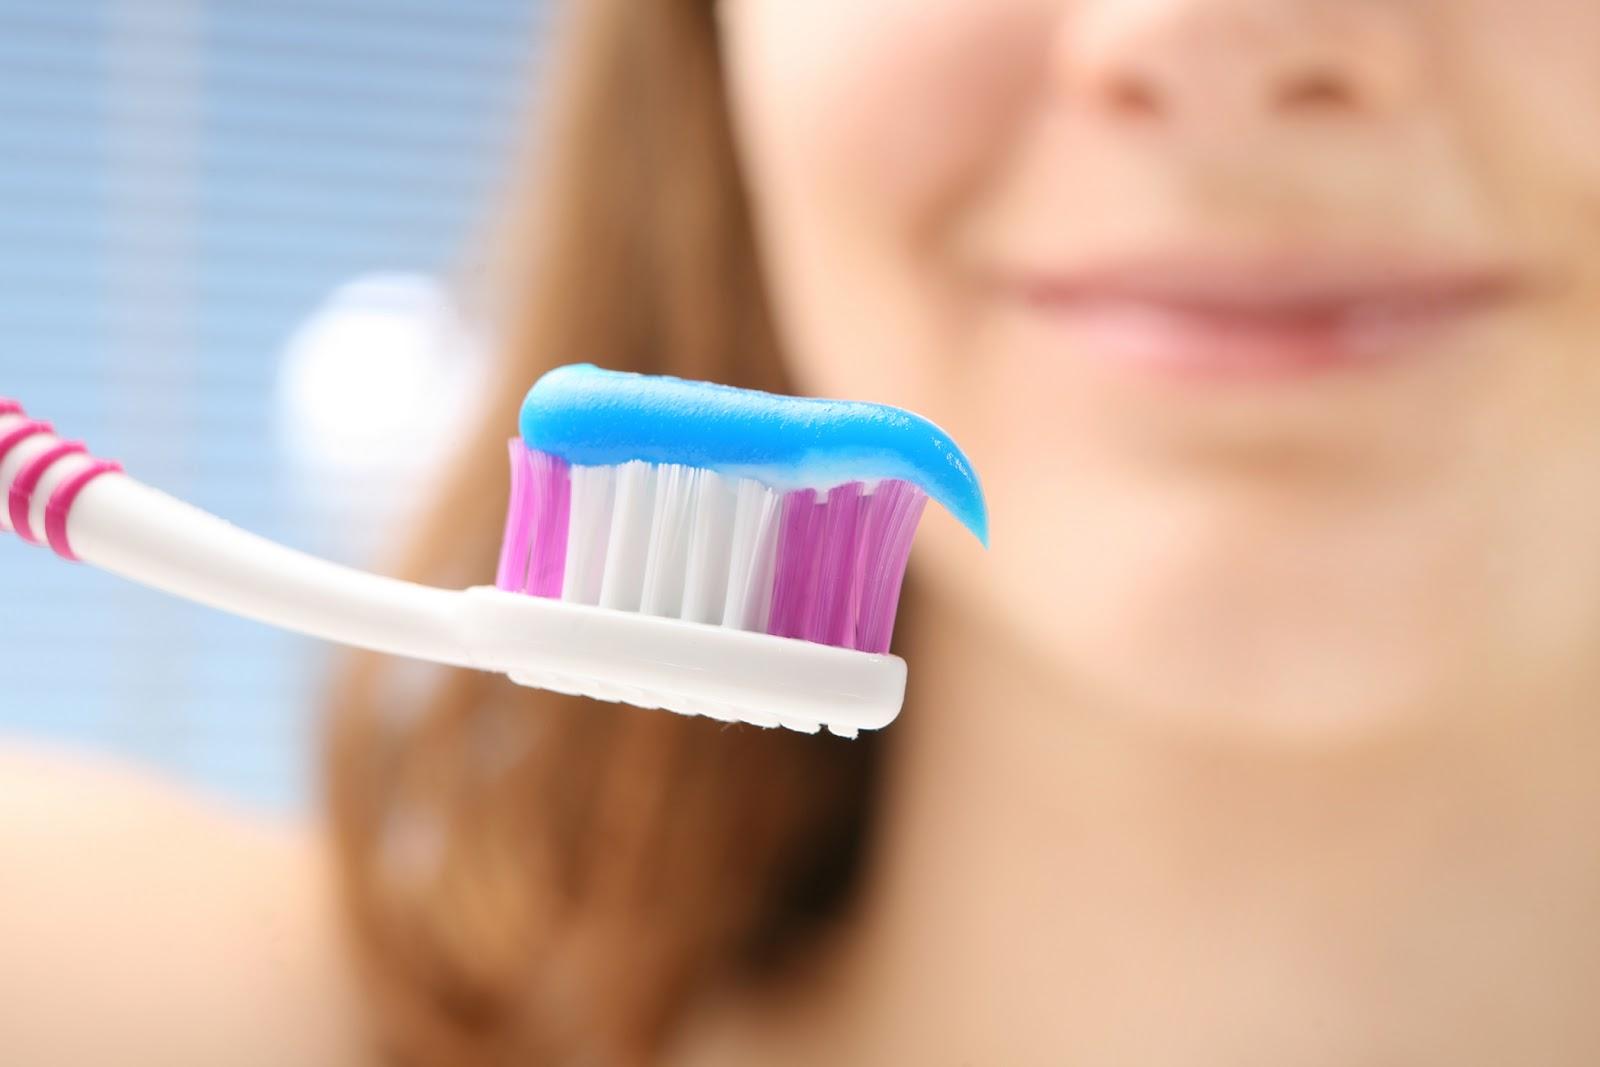 استخدامات كثيره لمعجون الاسنان للحصول على وجه منعش وحيوي